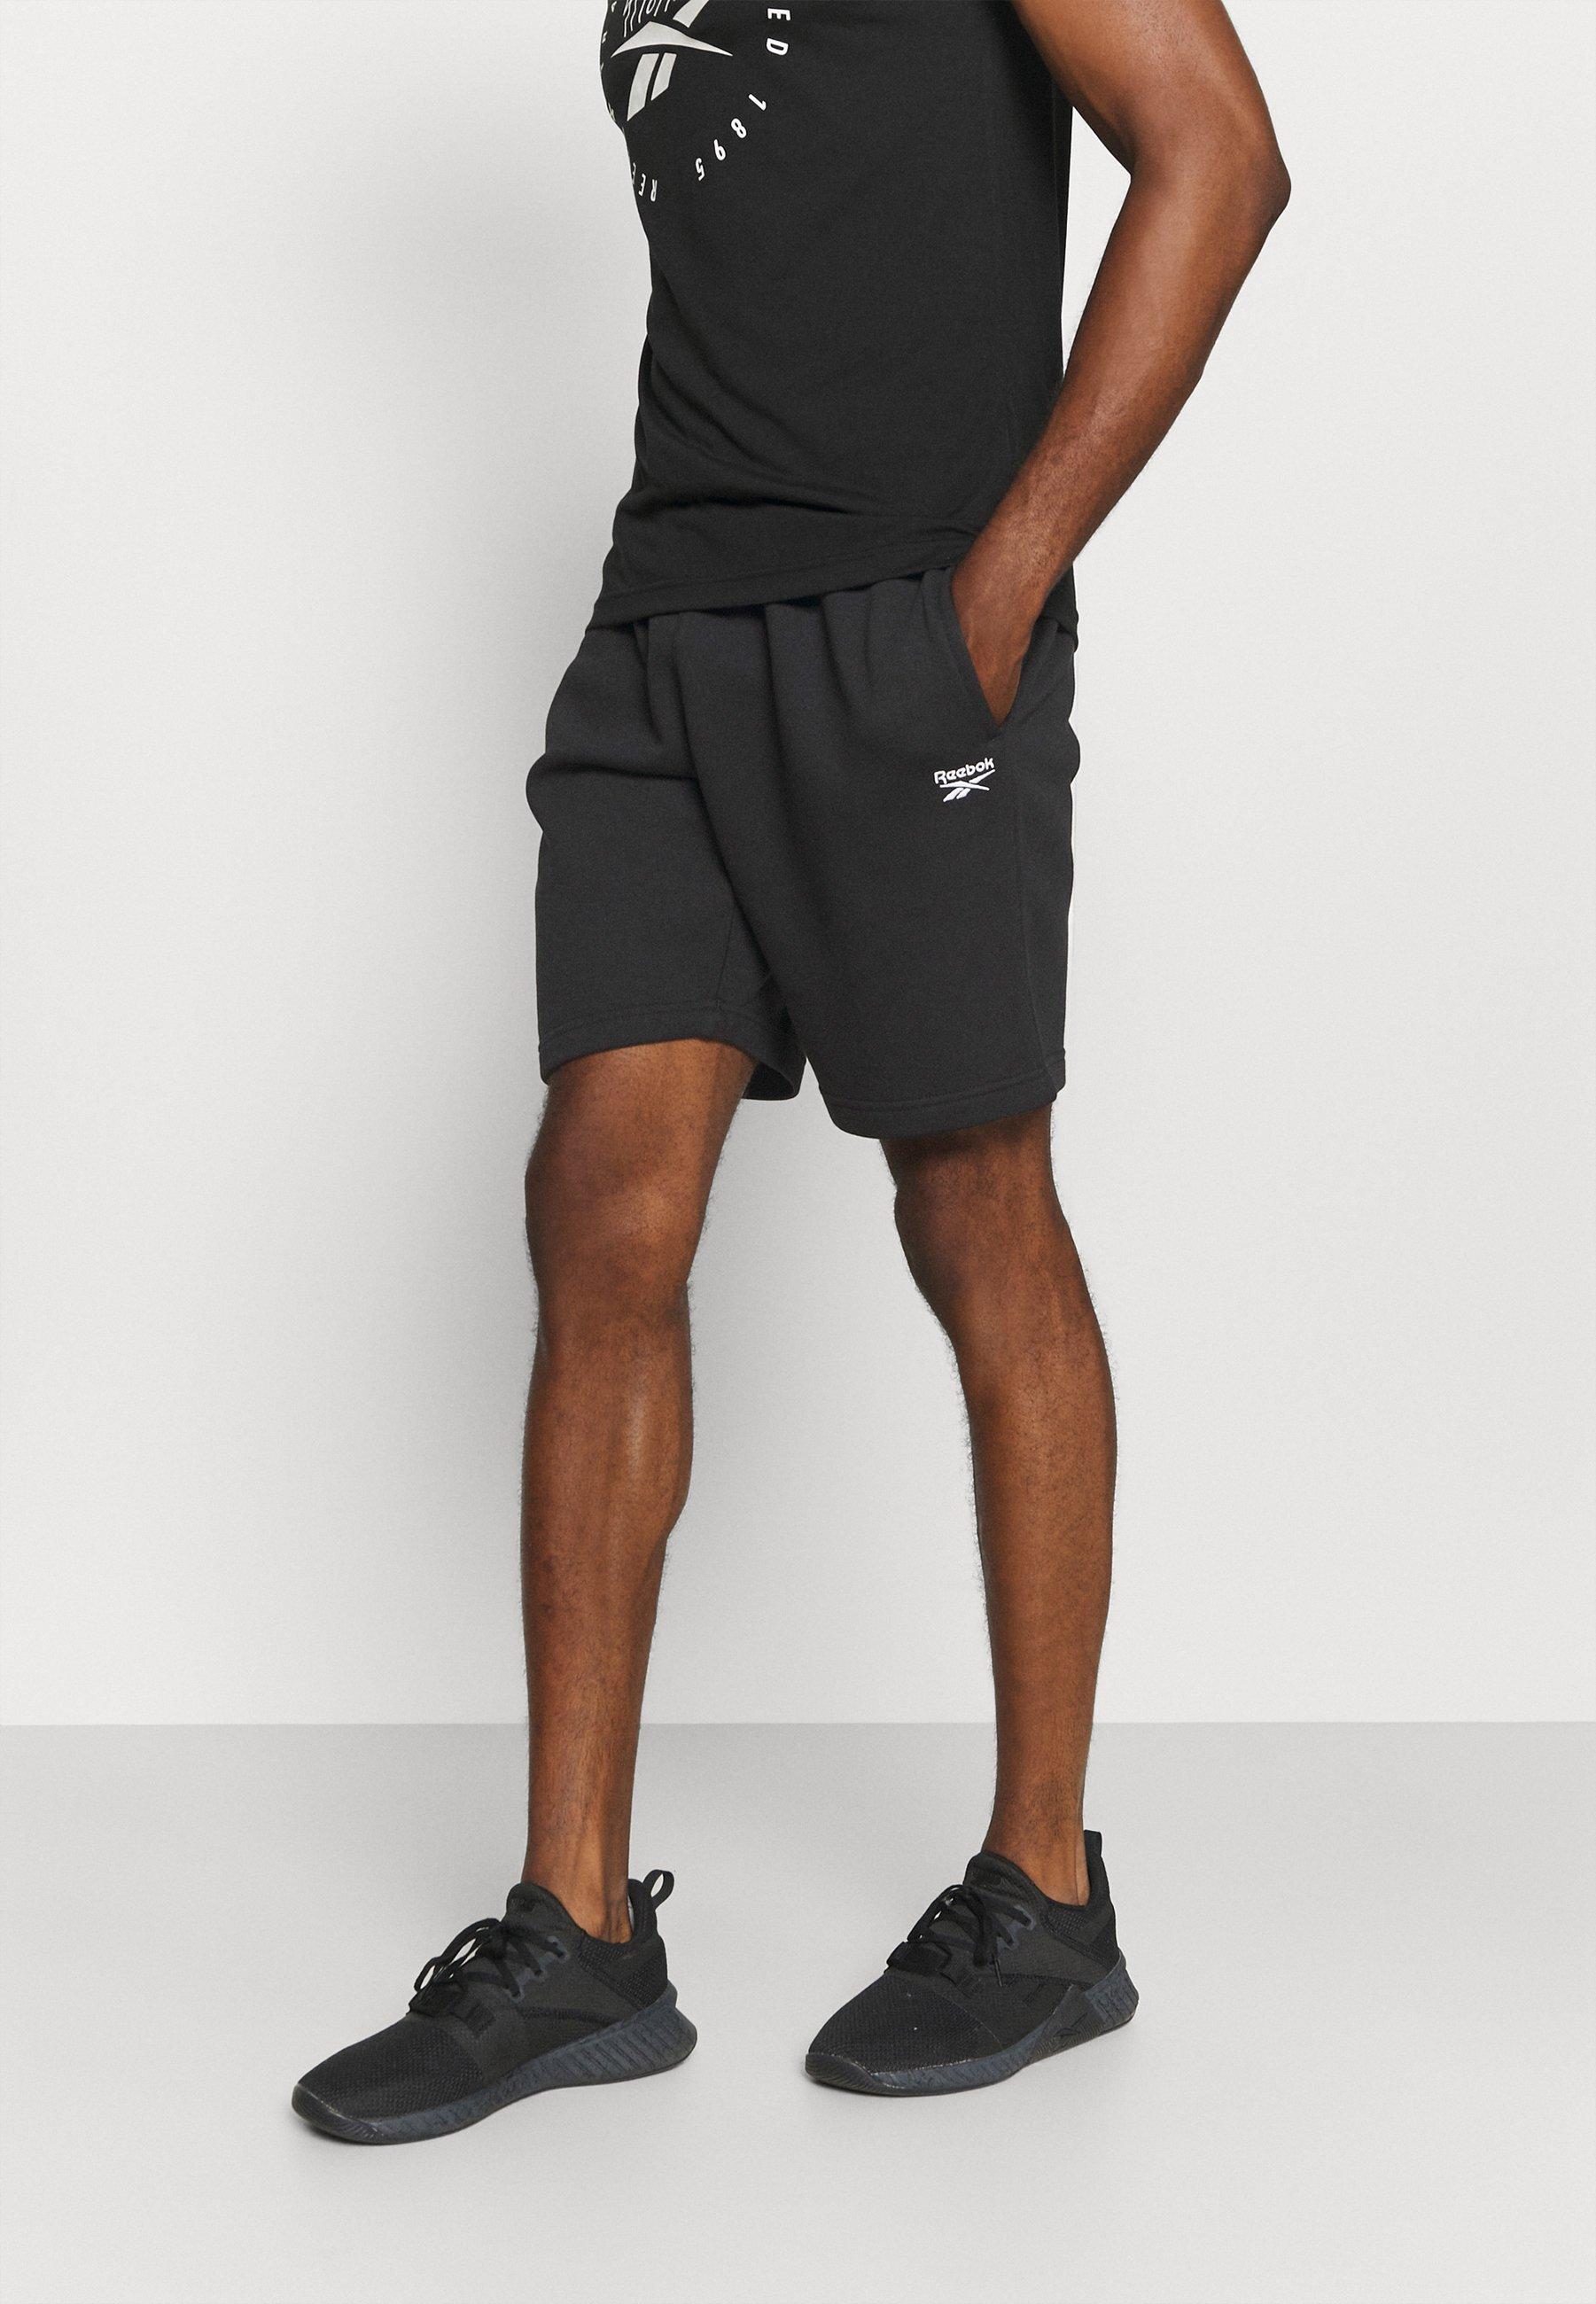 Herren SHORT - kurze Sporthose